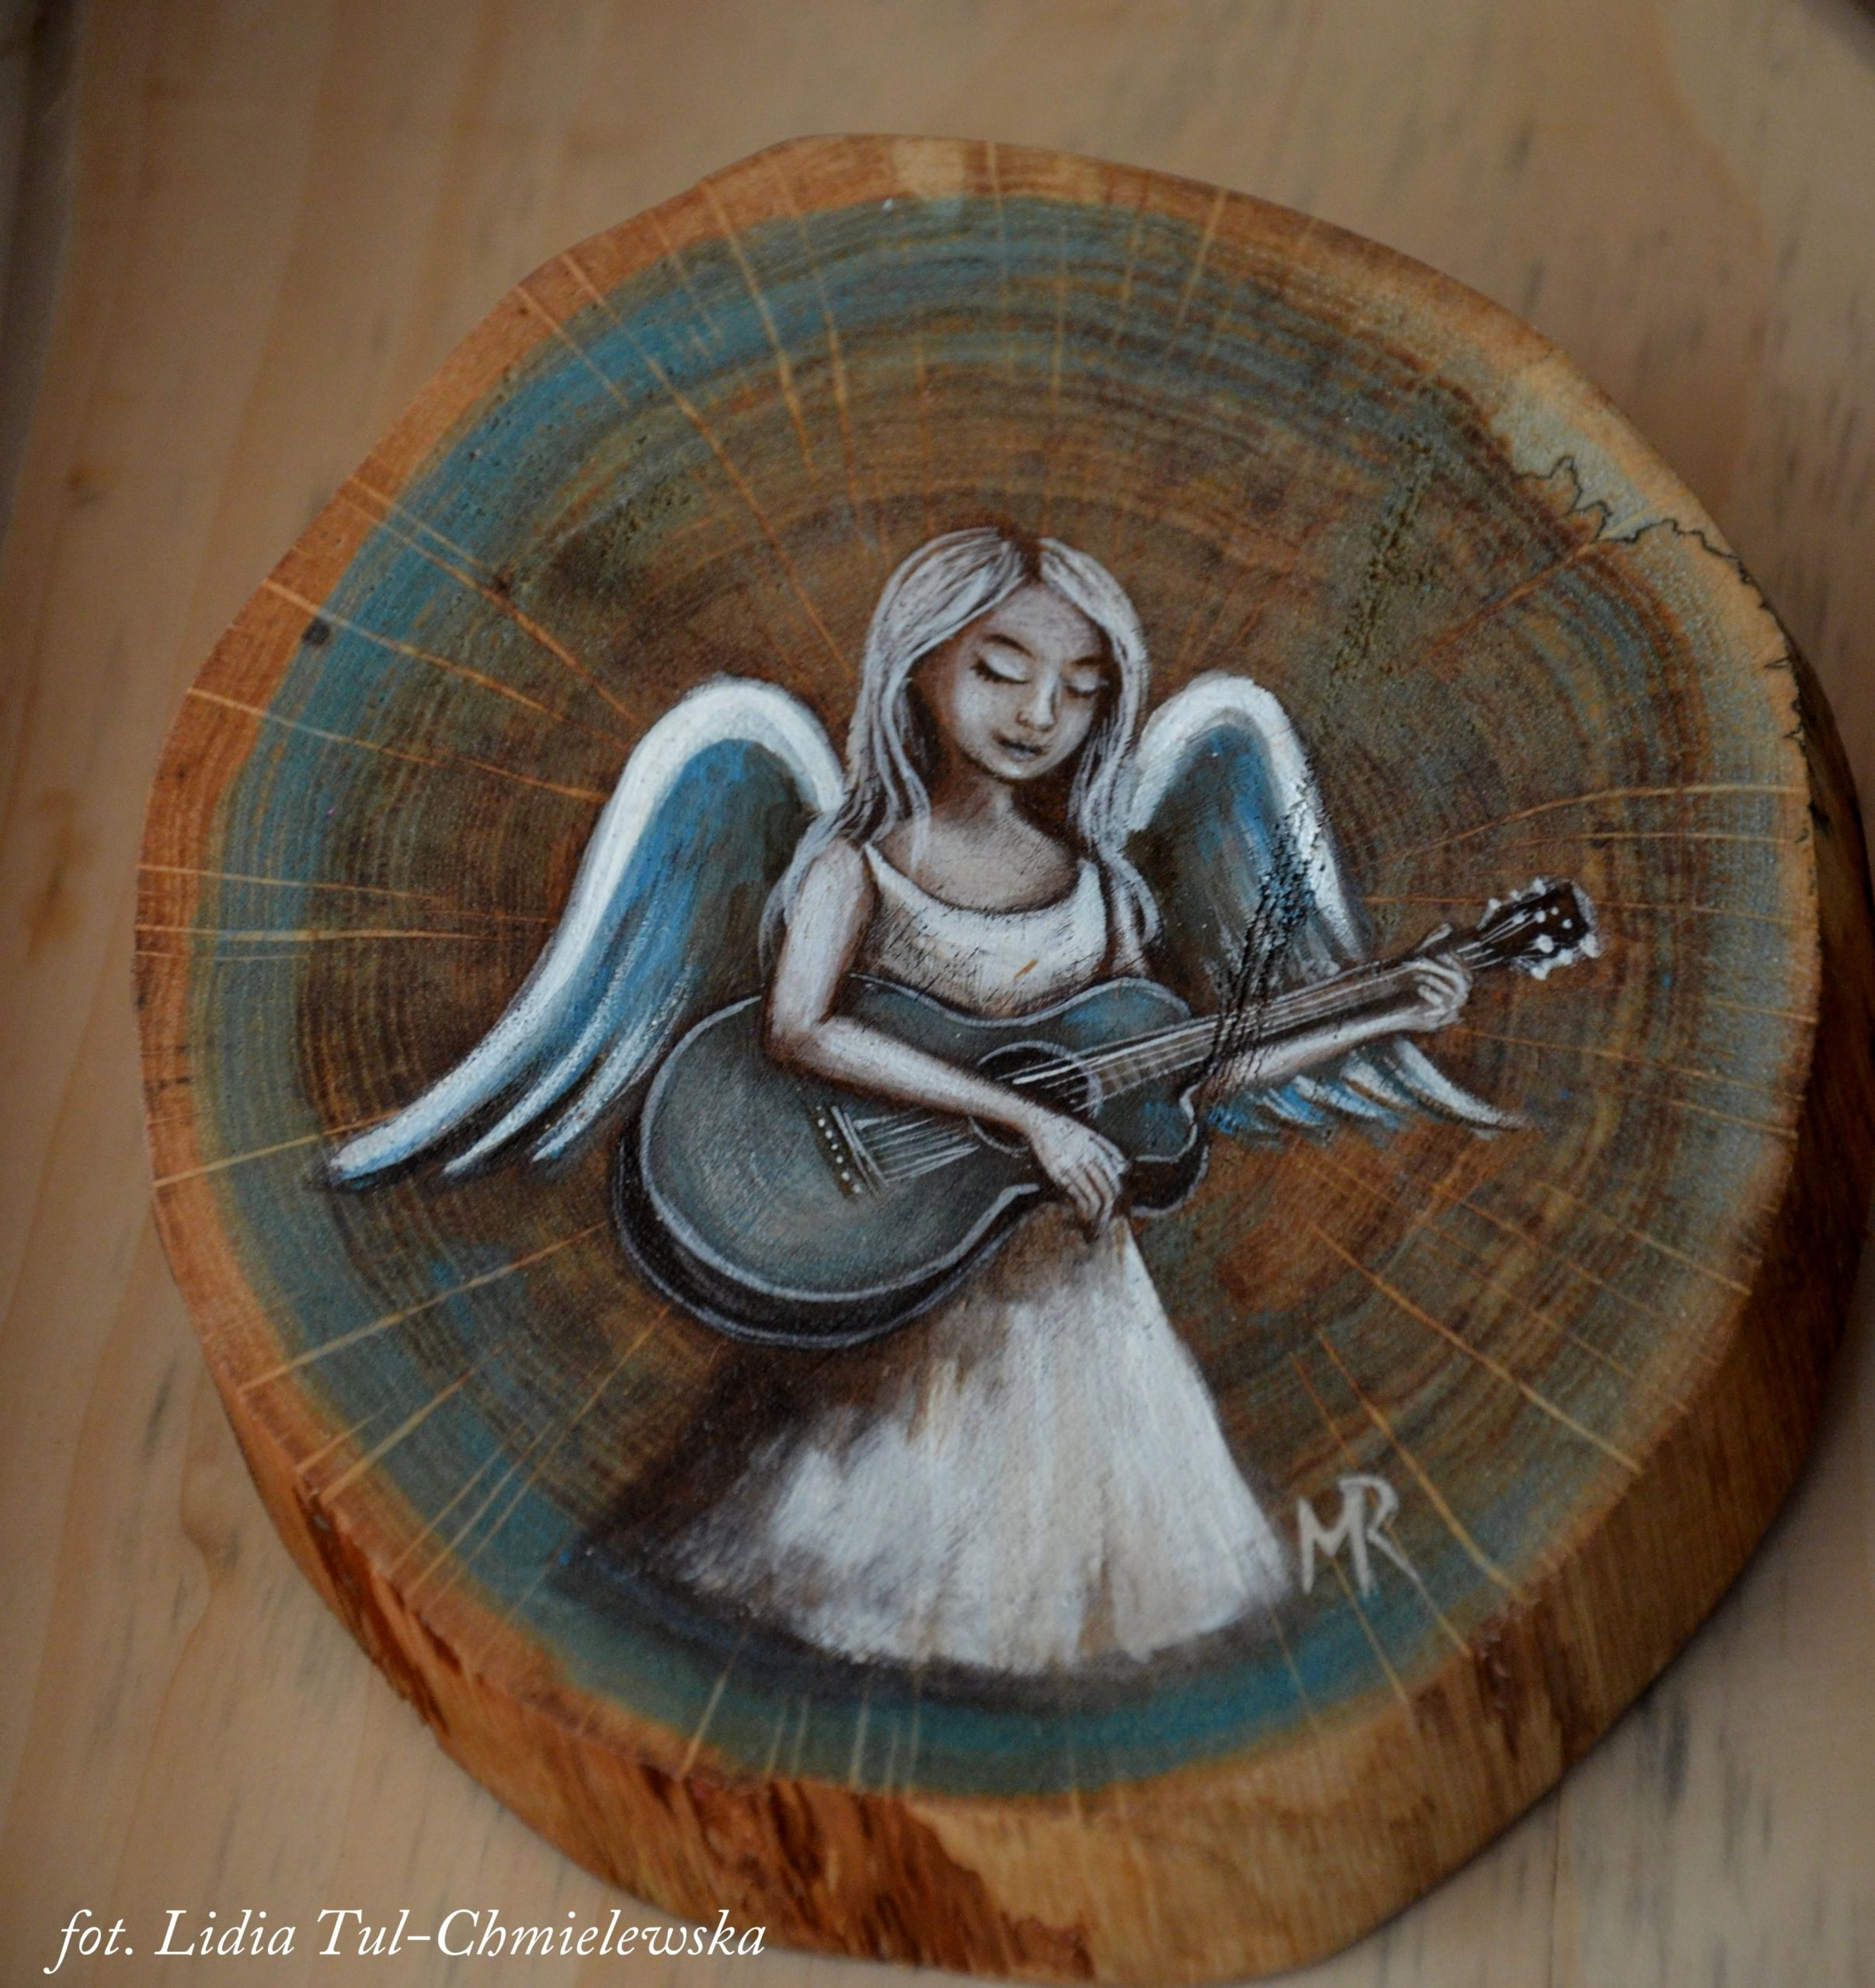 Aniołomania Bieszczadzki Anioł /fot. Lidia Tul-Chmielewska